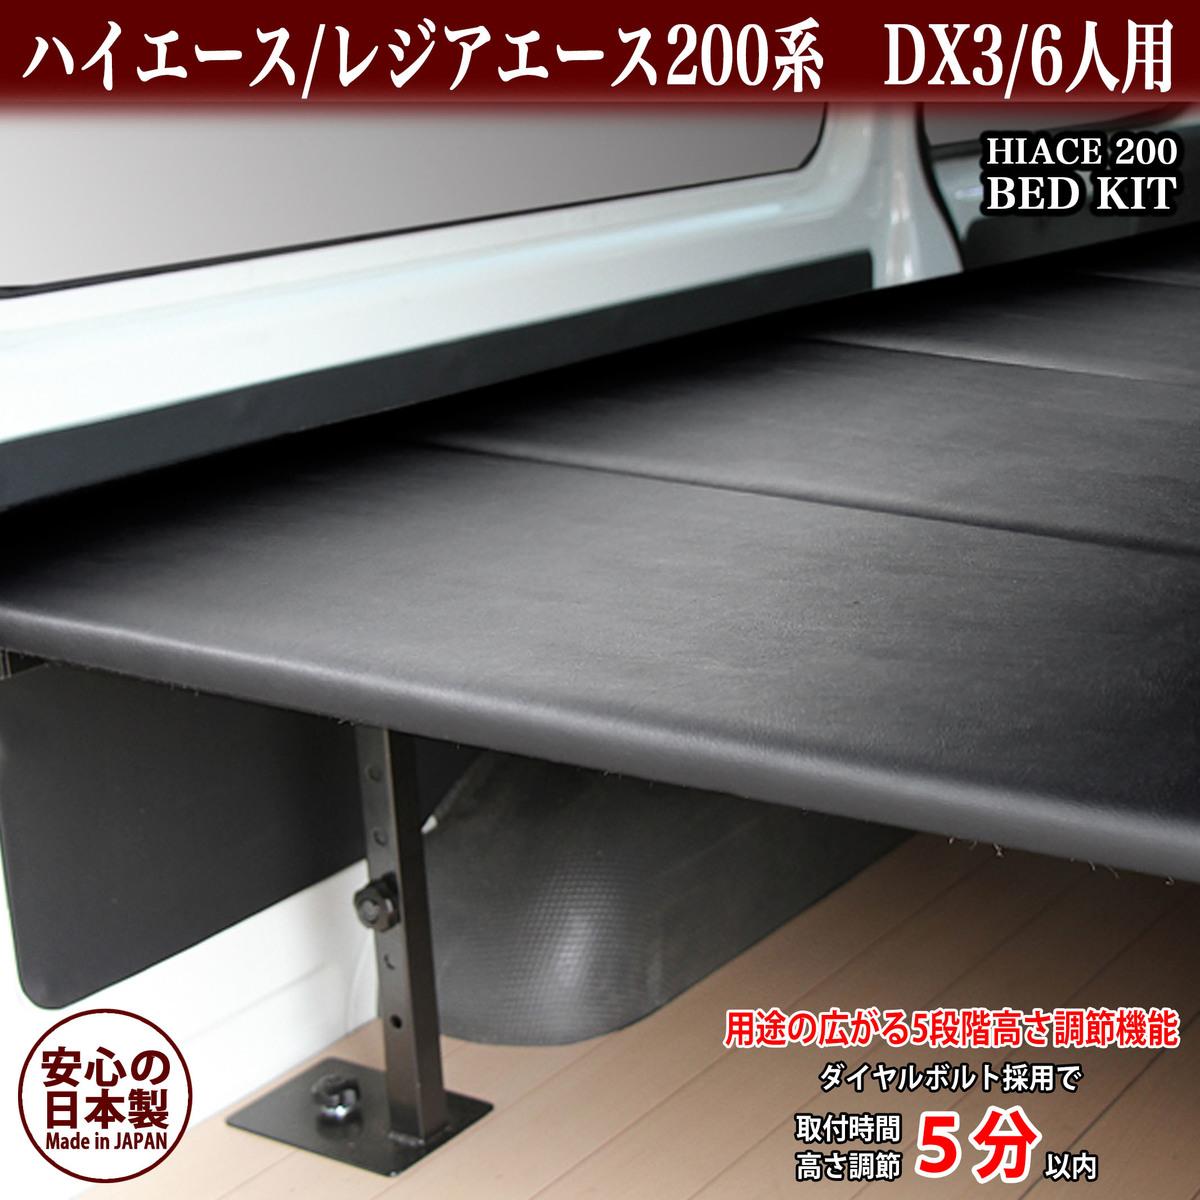 ハイエース ベッドキット DX用 ブラックレザー #1